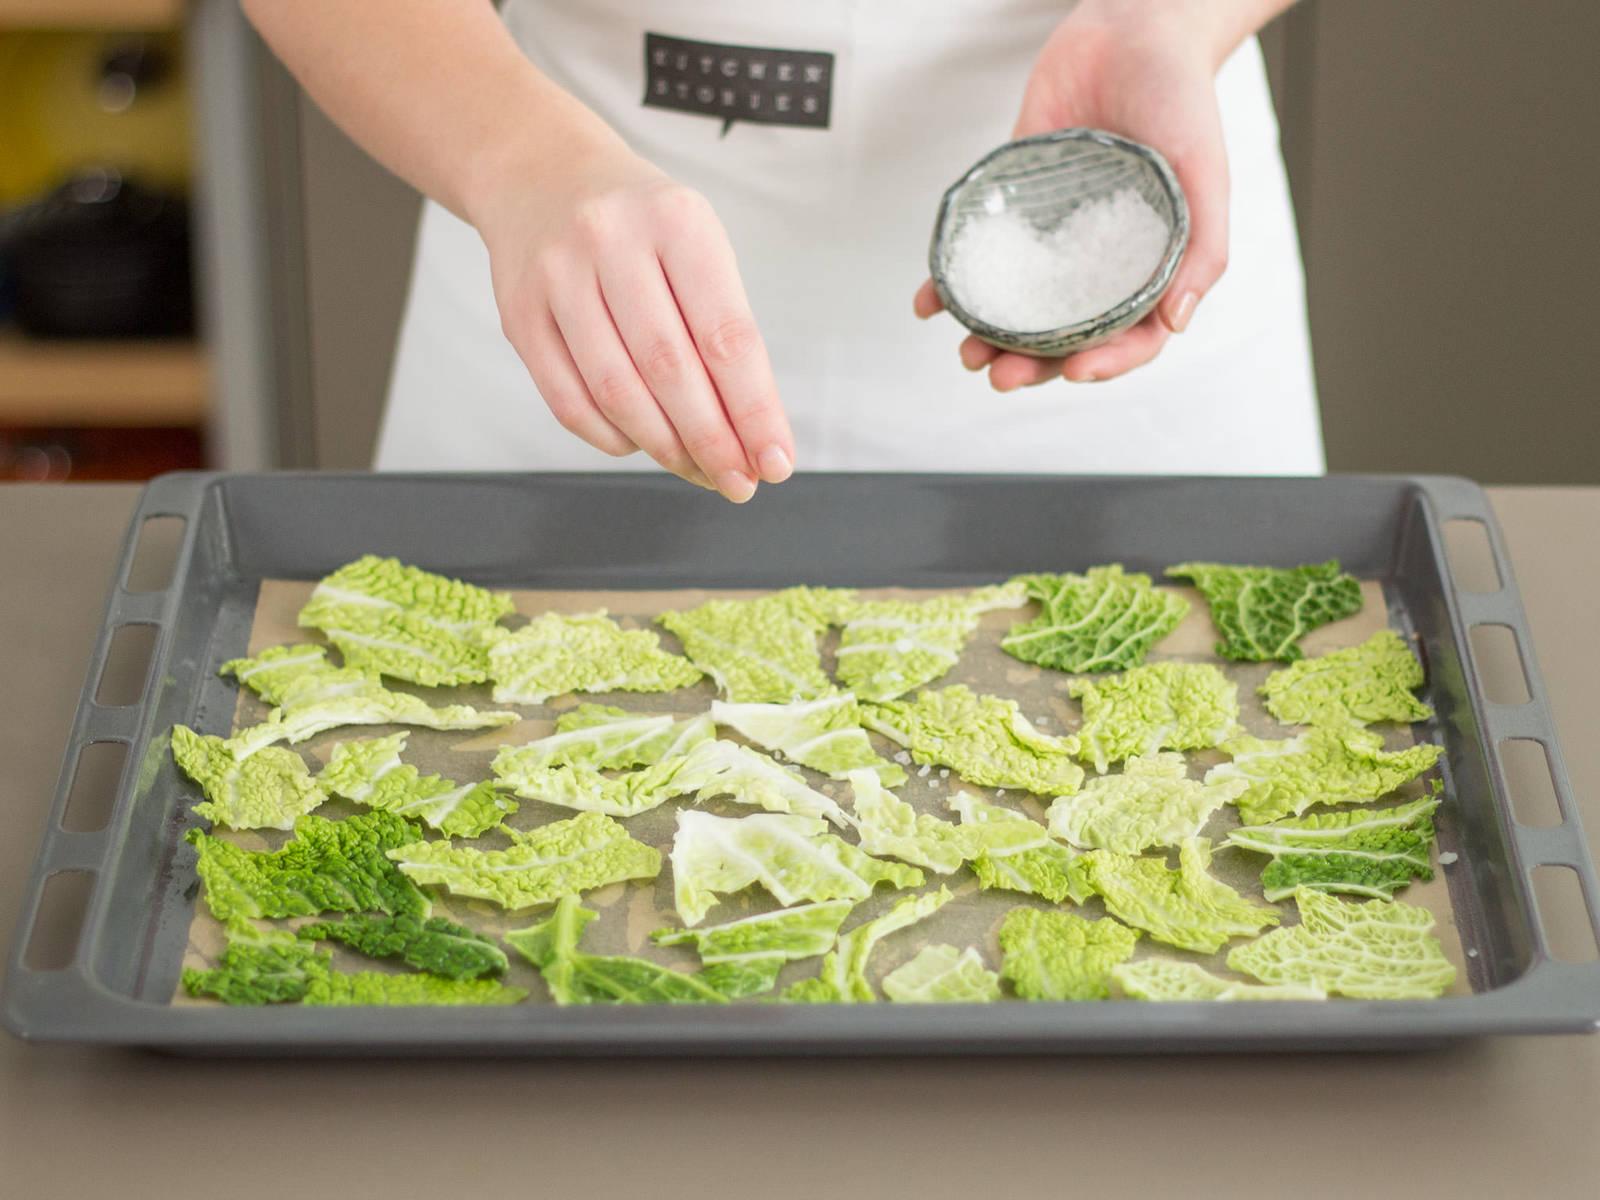 将卷心菜放到铺好烘焙纸的烤盘上。淋上植物油。撒上海盐。以180度烤10-15分钟,直至焦脆。